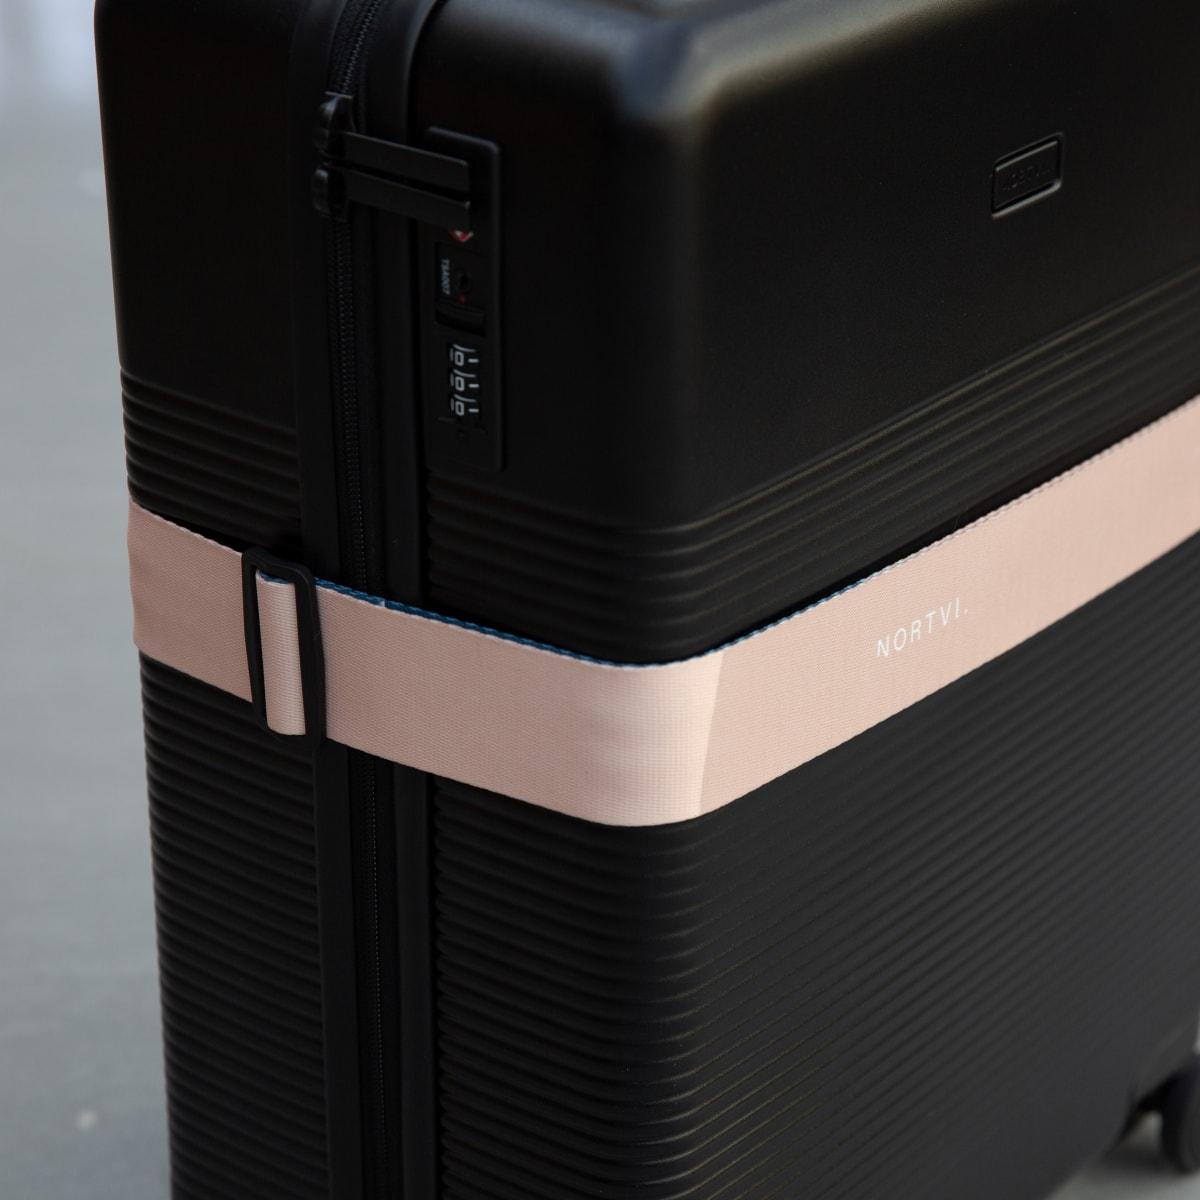 NORTVI sustainable design suitcase Rainforest Green met Front Pocket gemaakt van duurzaam materiaal.